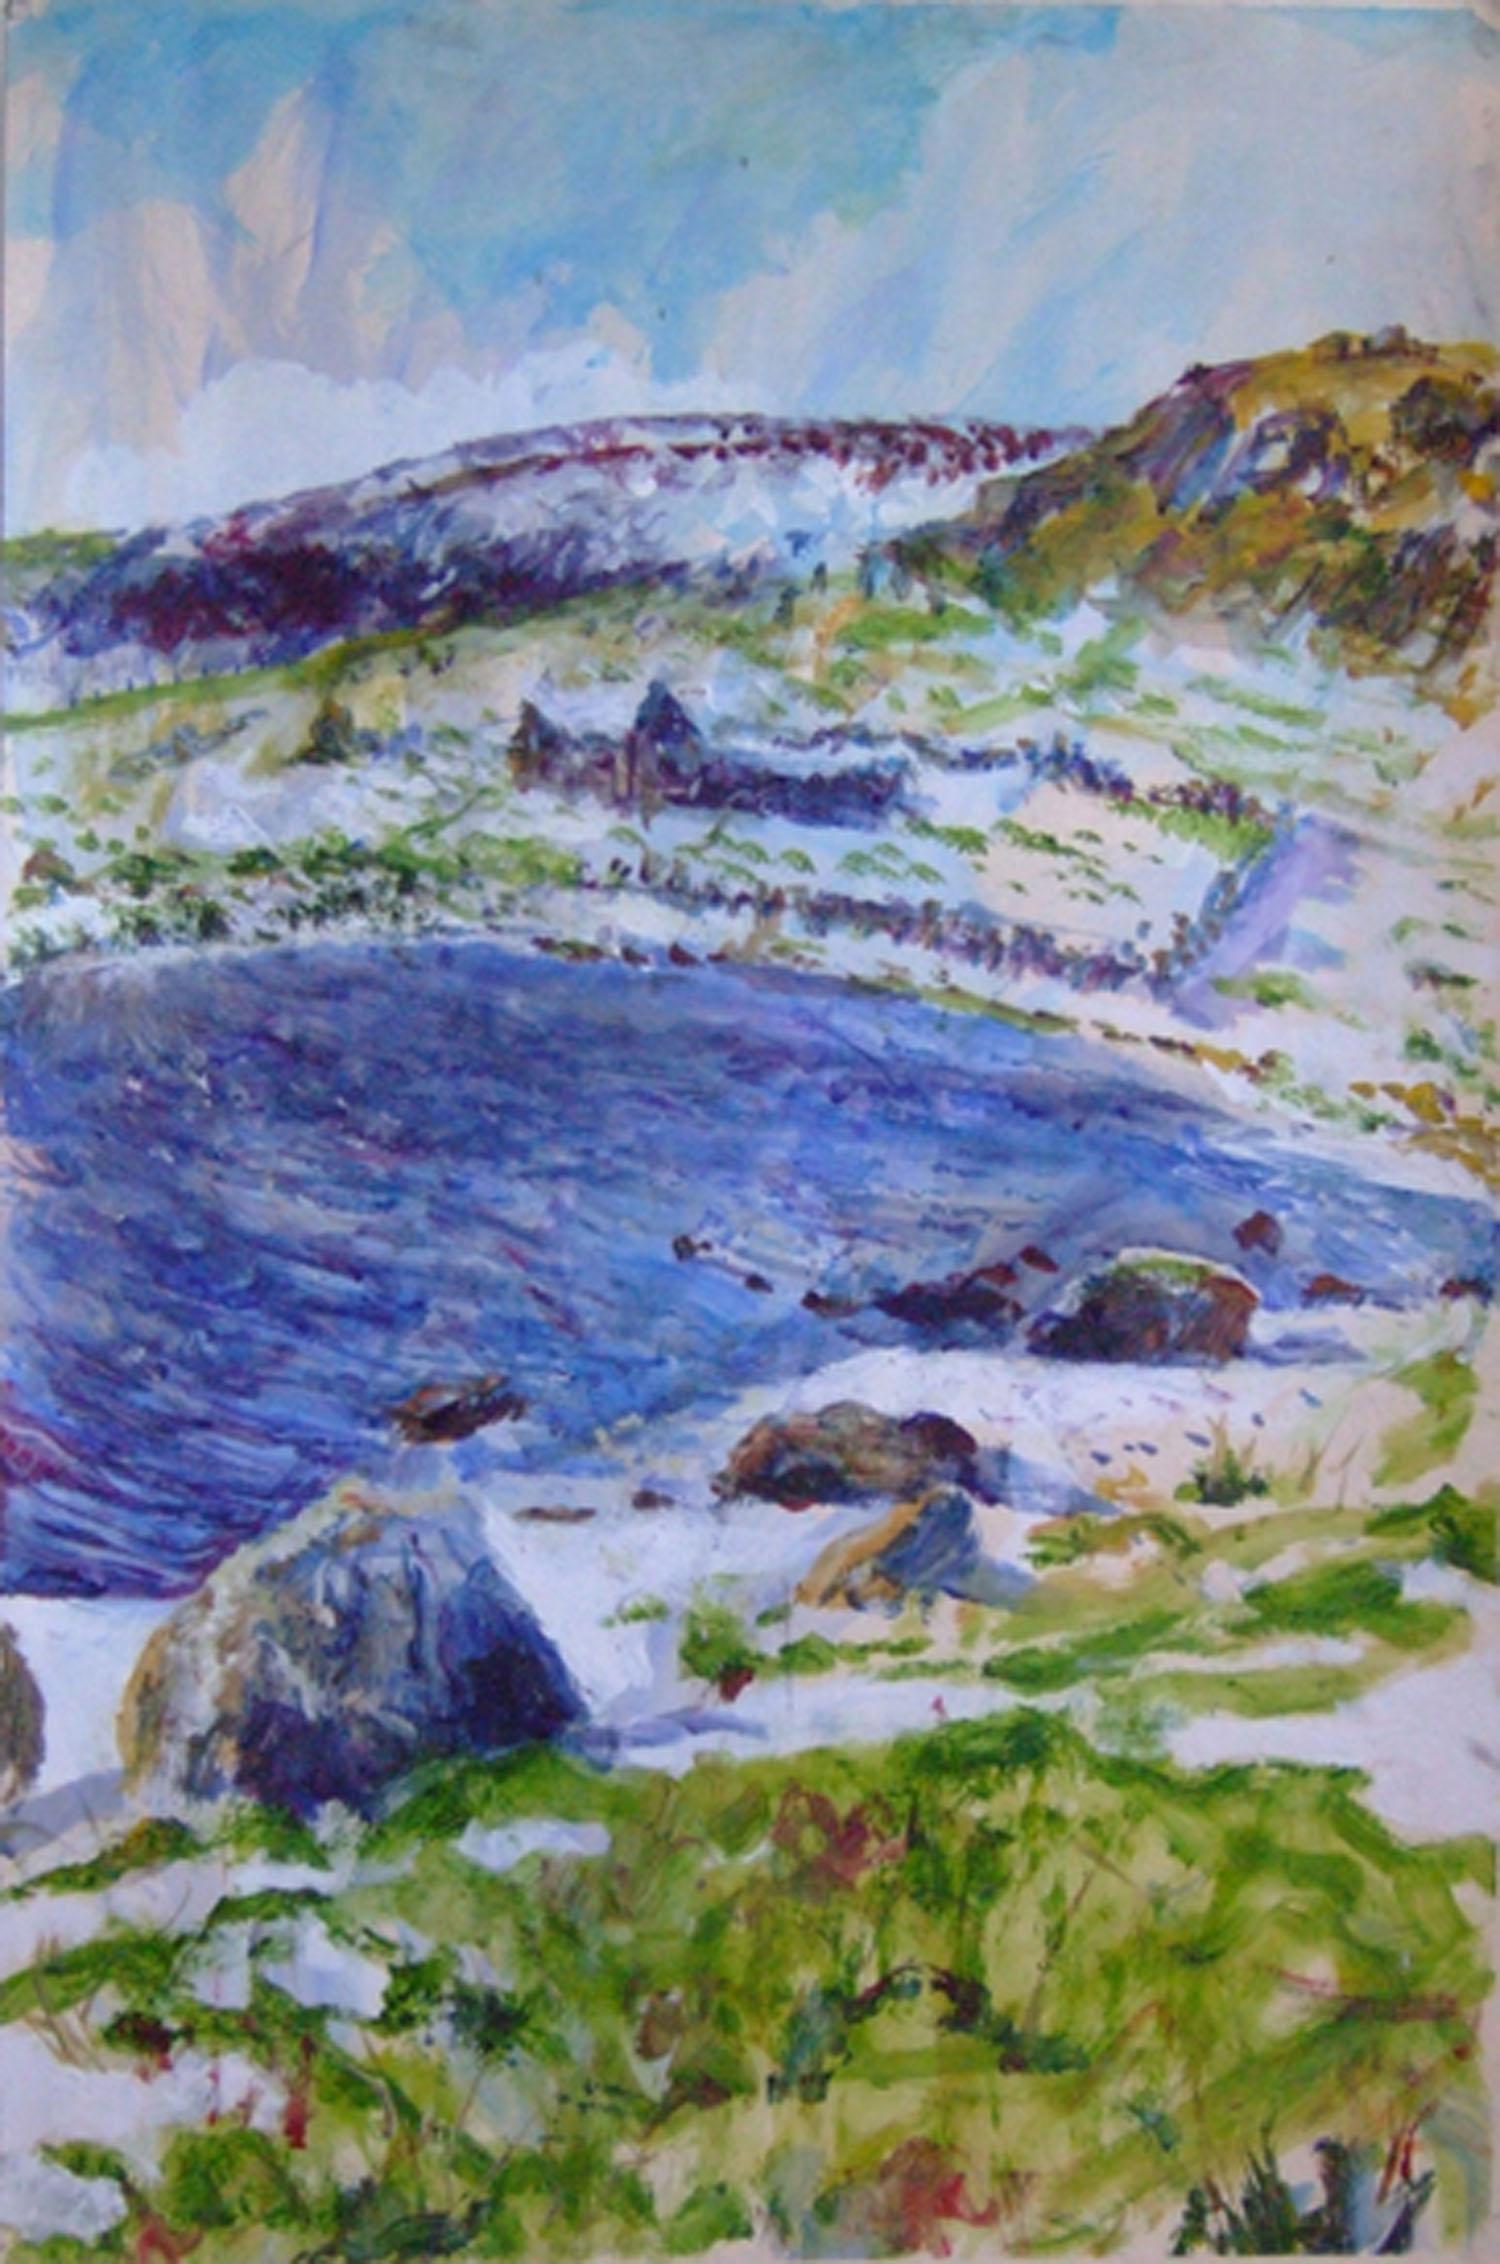 Sarah Longley_-_Burwick Loch_acrylic on card_91 x 61cm.jpg